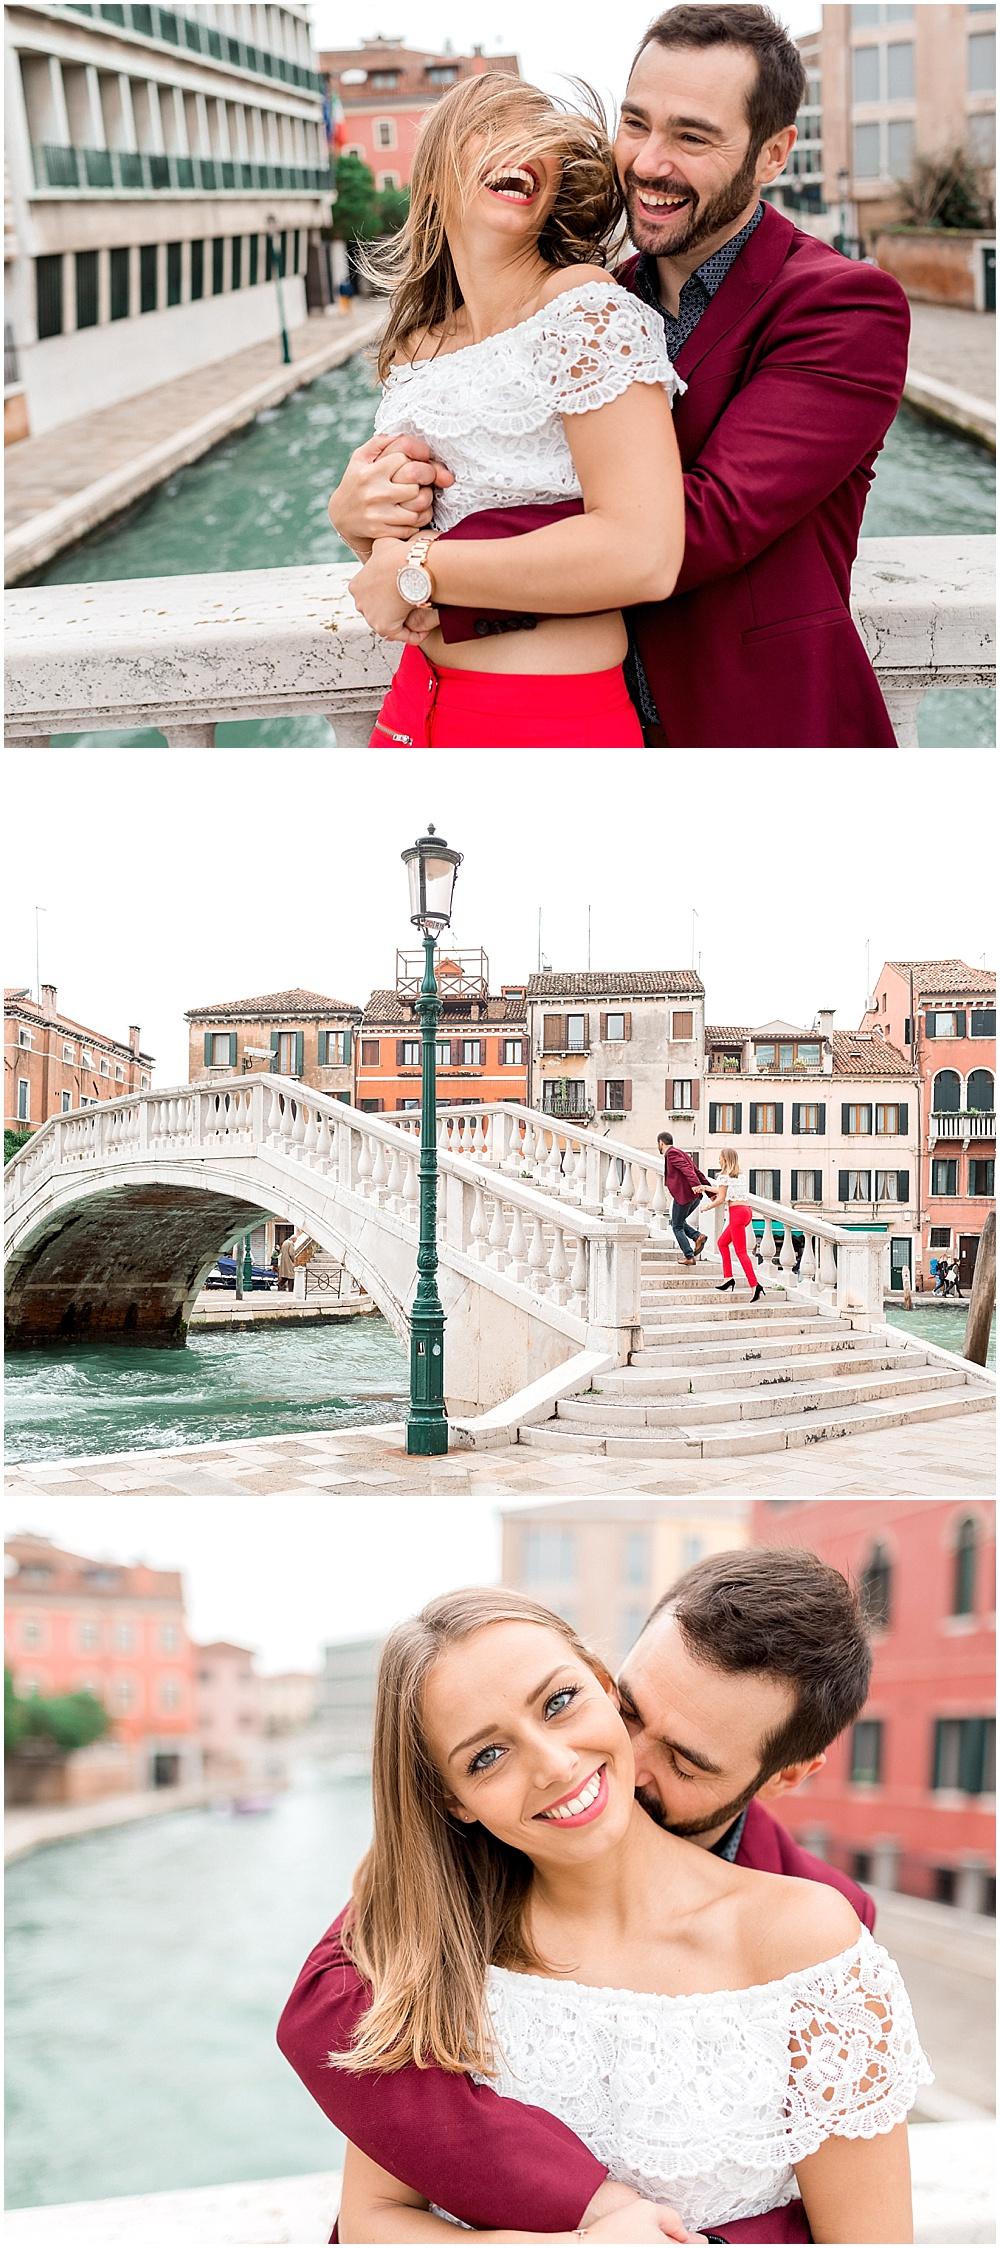 venice-italy-wedding-proposal-gondola-sunset-photoshoot4.jpg